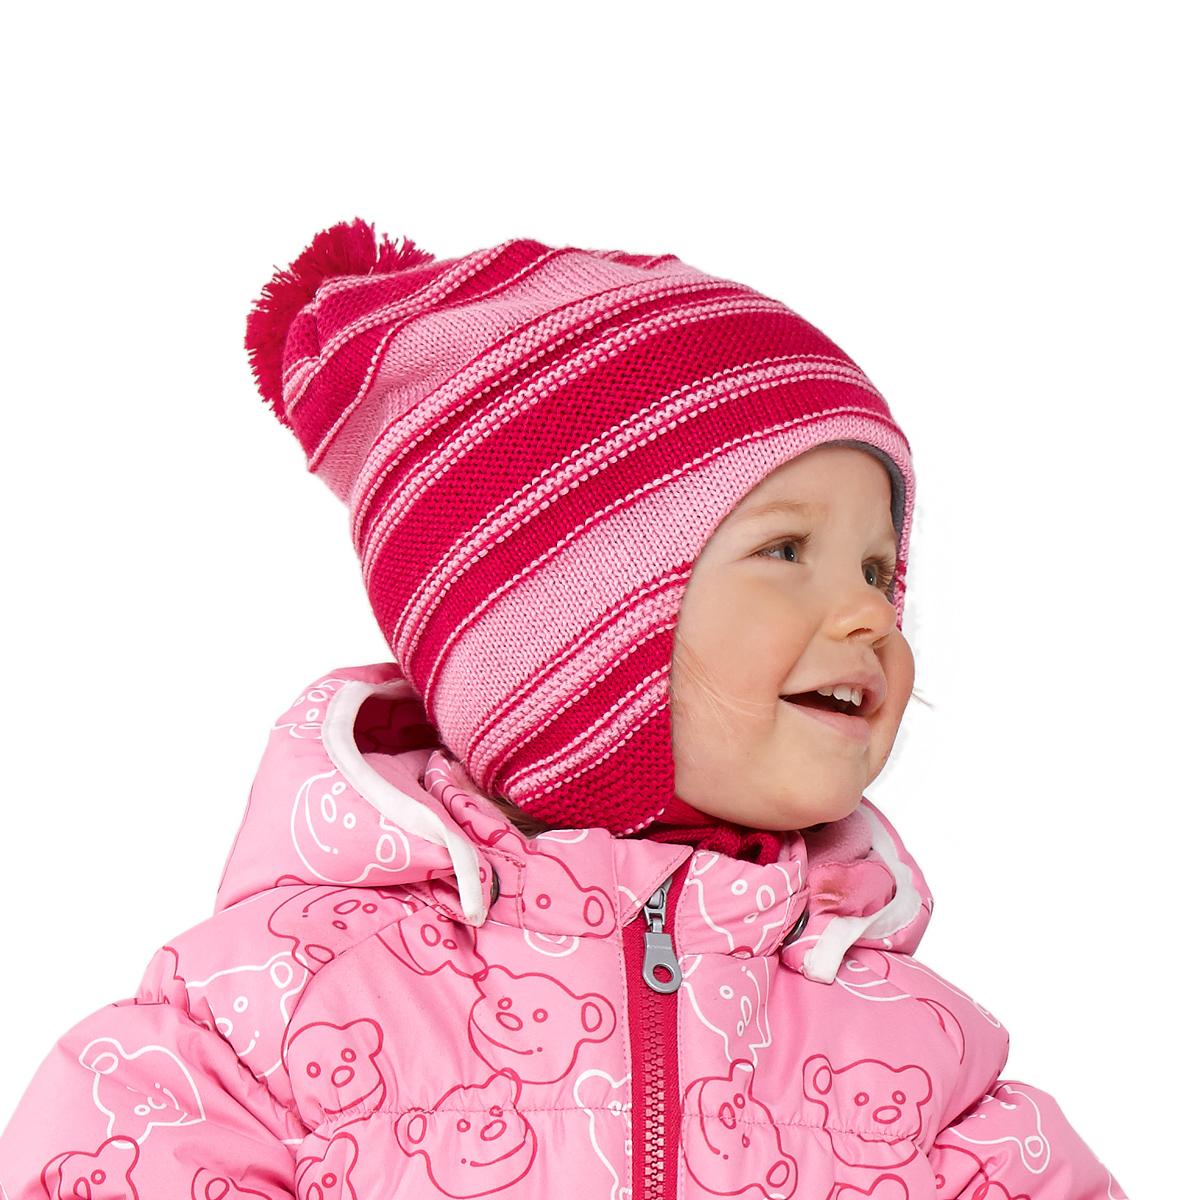 Лучшие фотографии со всего интернета. Шапка для малышей полосатая арт 718631 3390